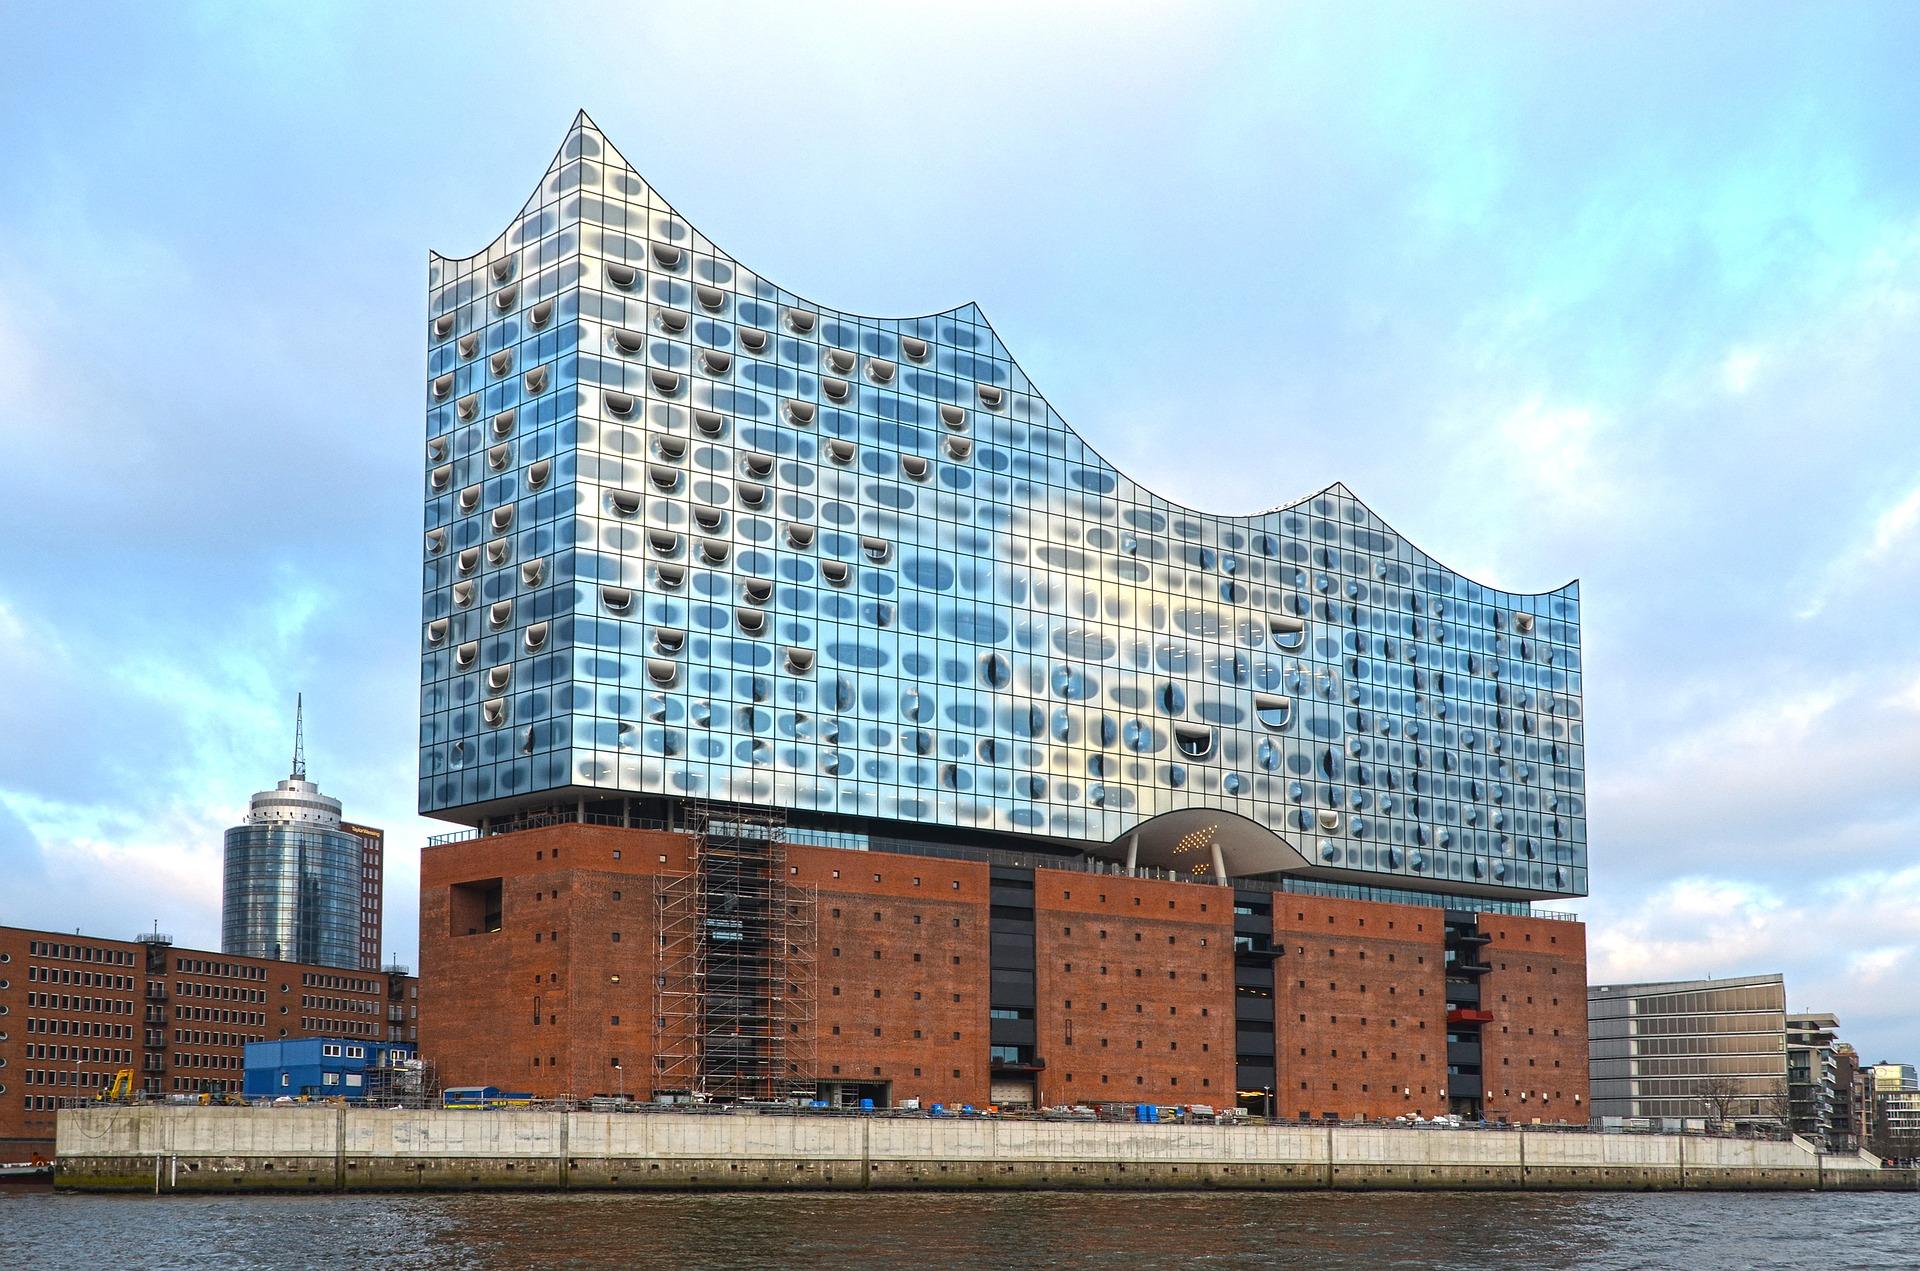 La singulière architecture d'Herzog & de Meuron